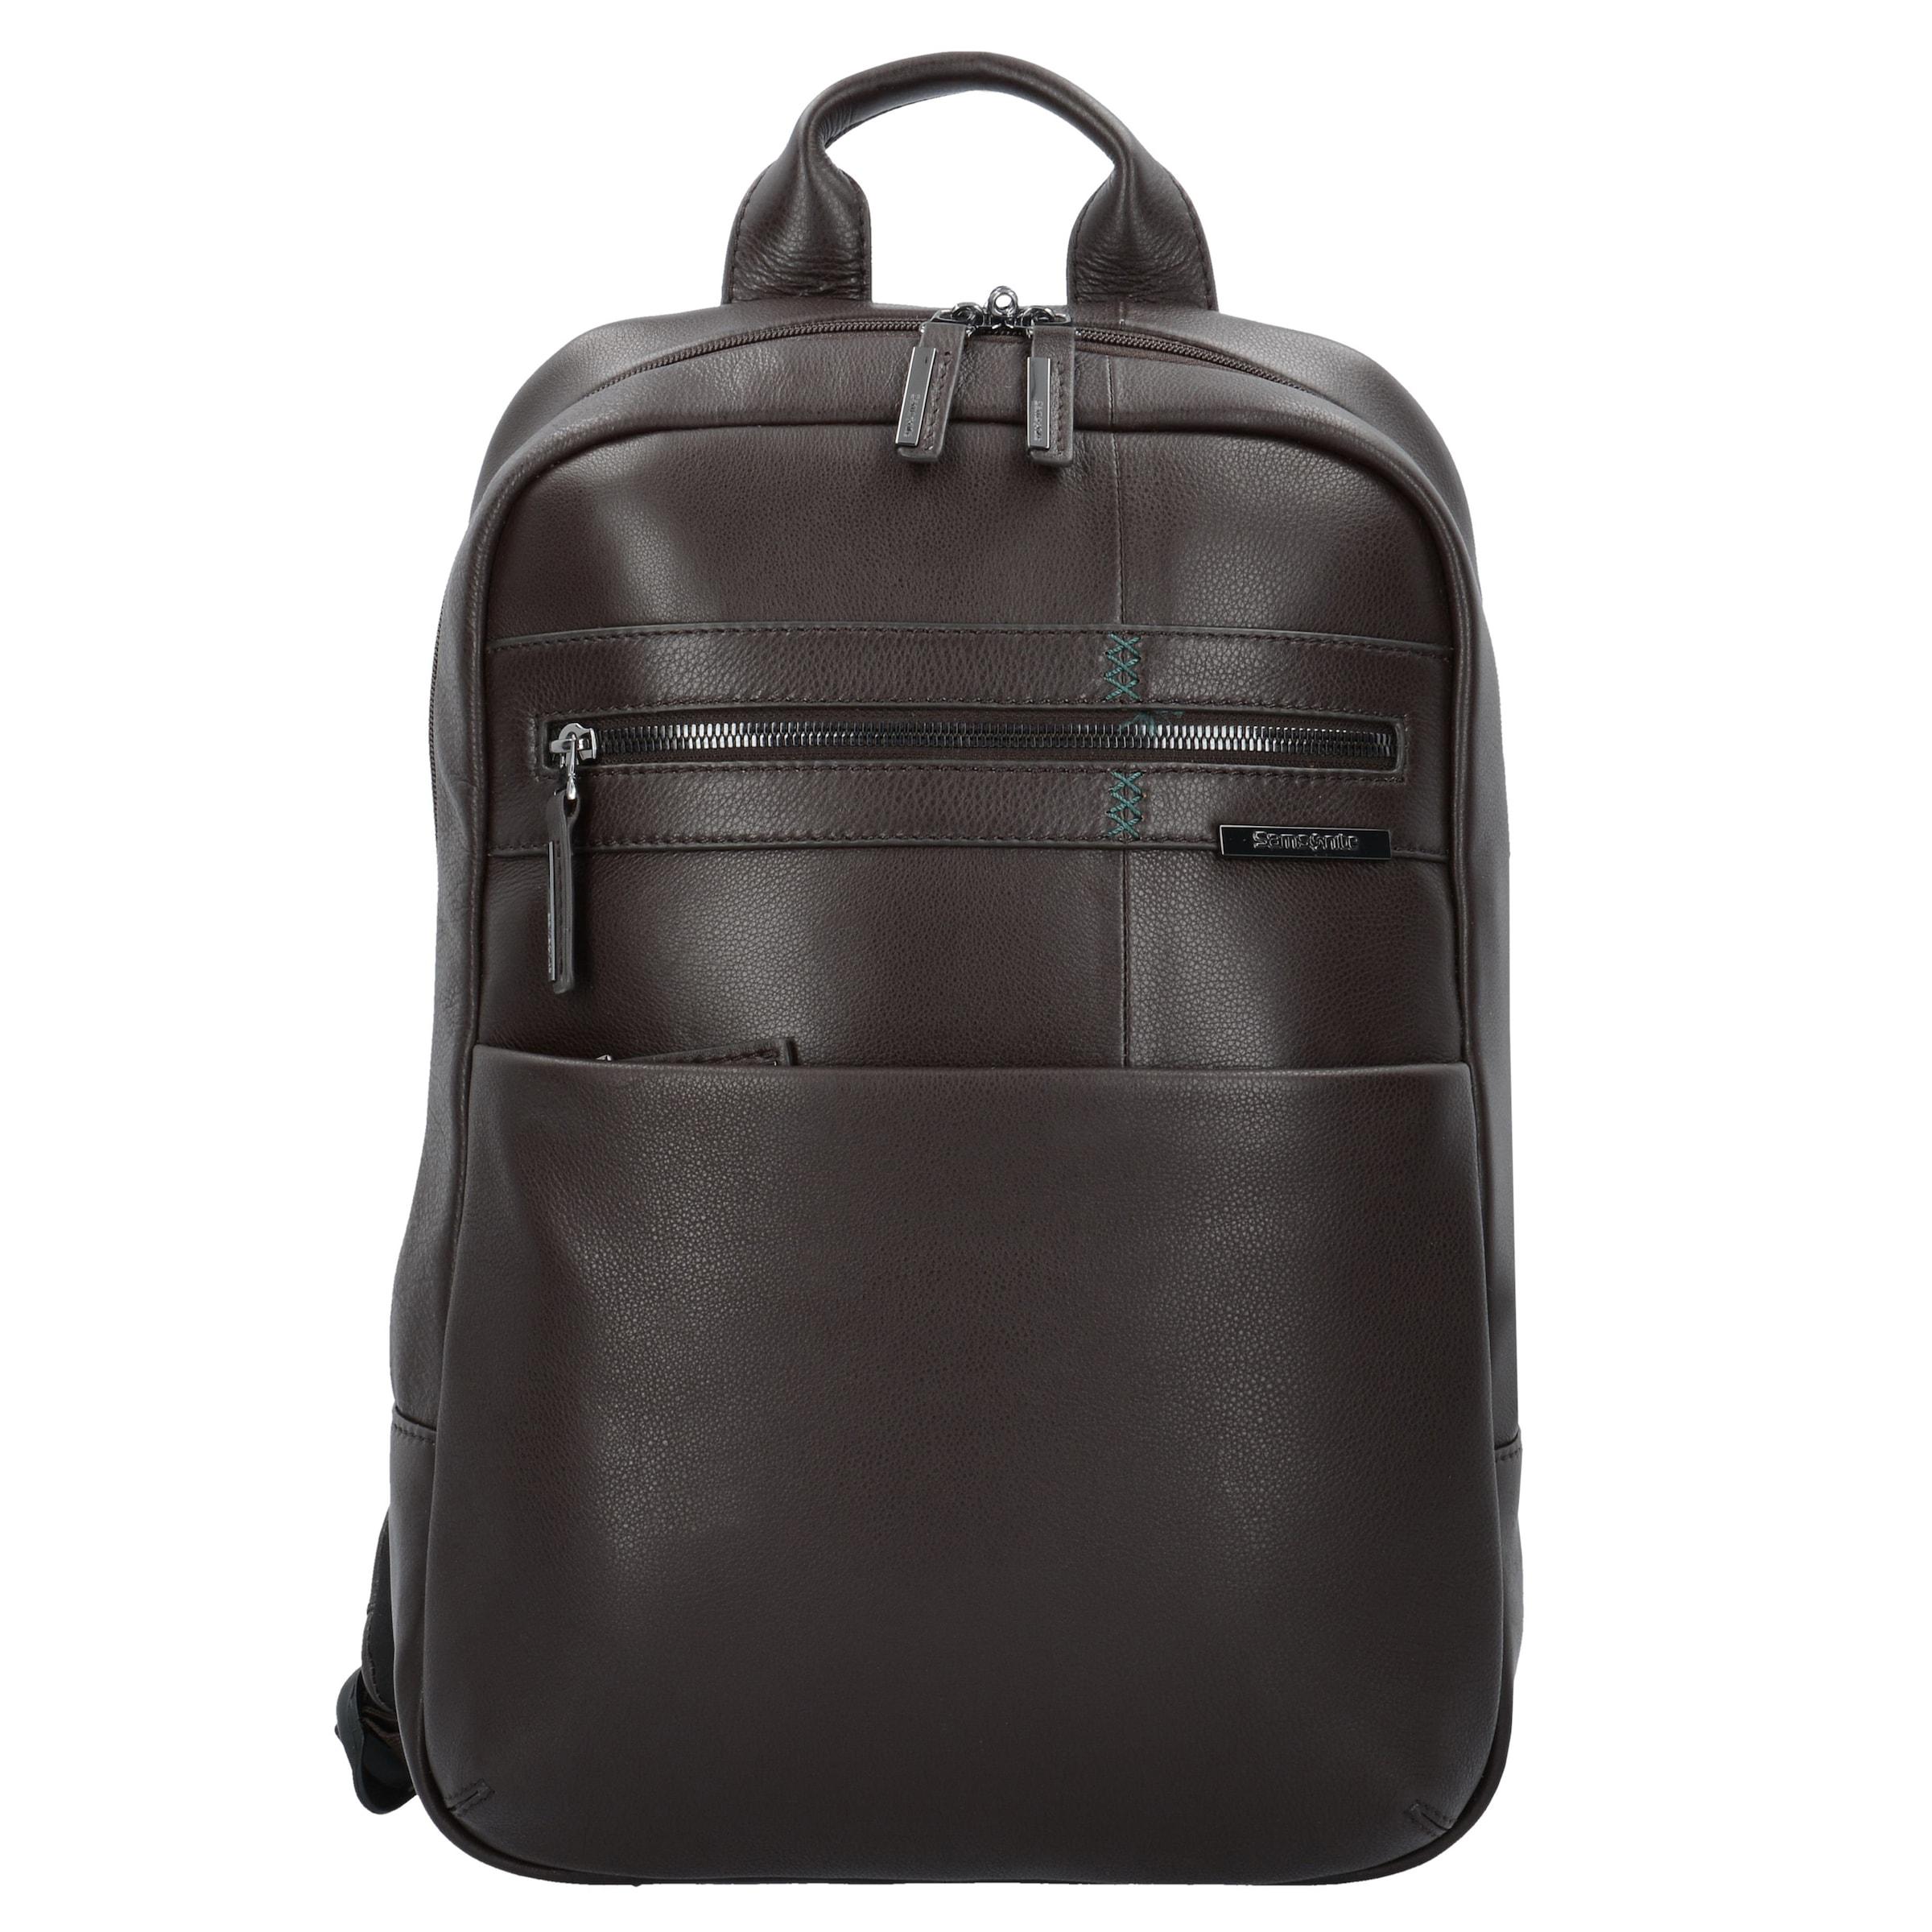 Günstig Kaufen Limited Edition Rabatt Mit Paypal SAMSONITE Formalite LTH Business Rucksack Leder 38 cm Laptopfach kt2KtL